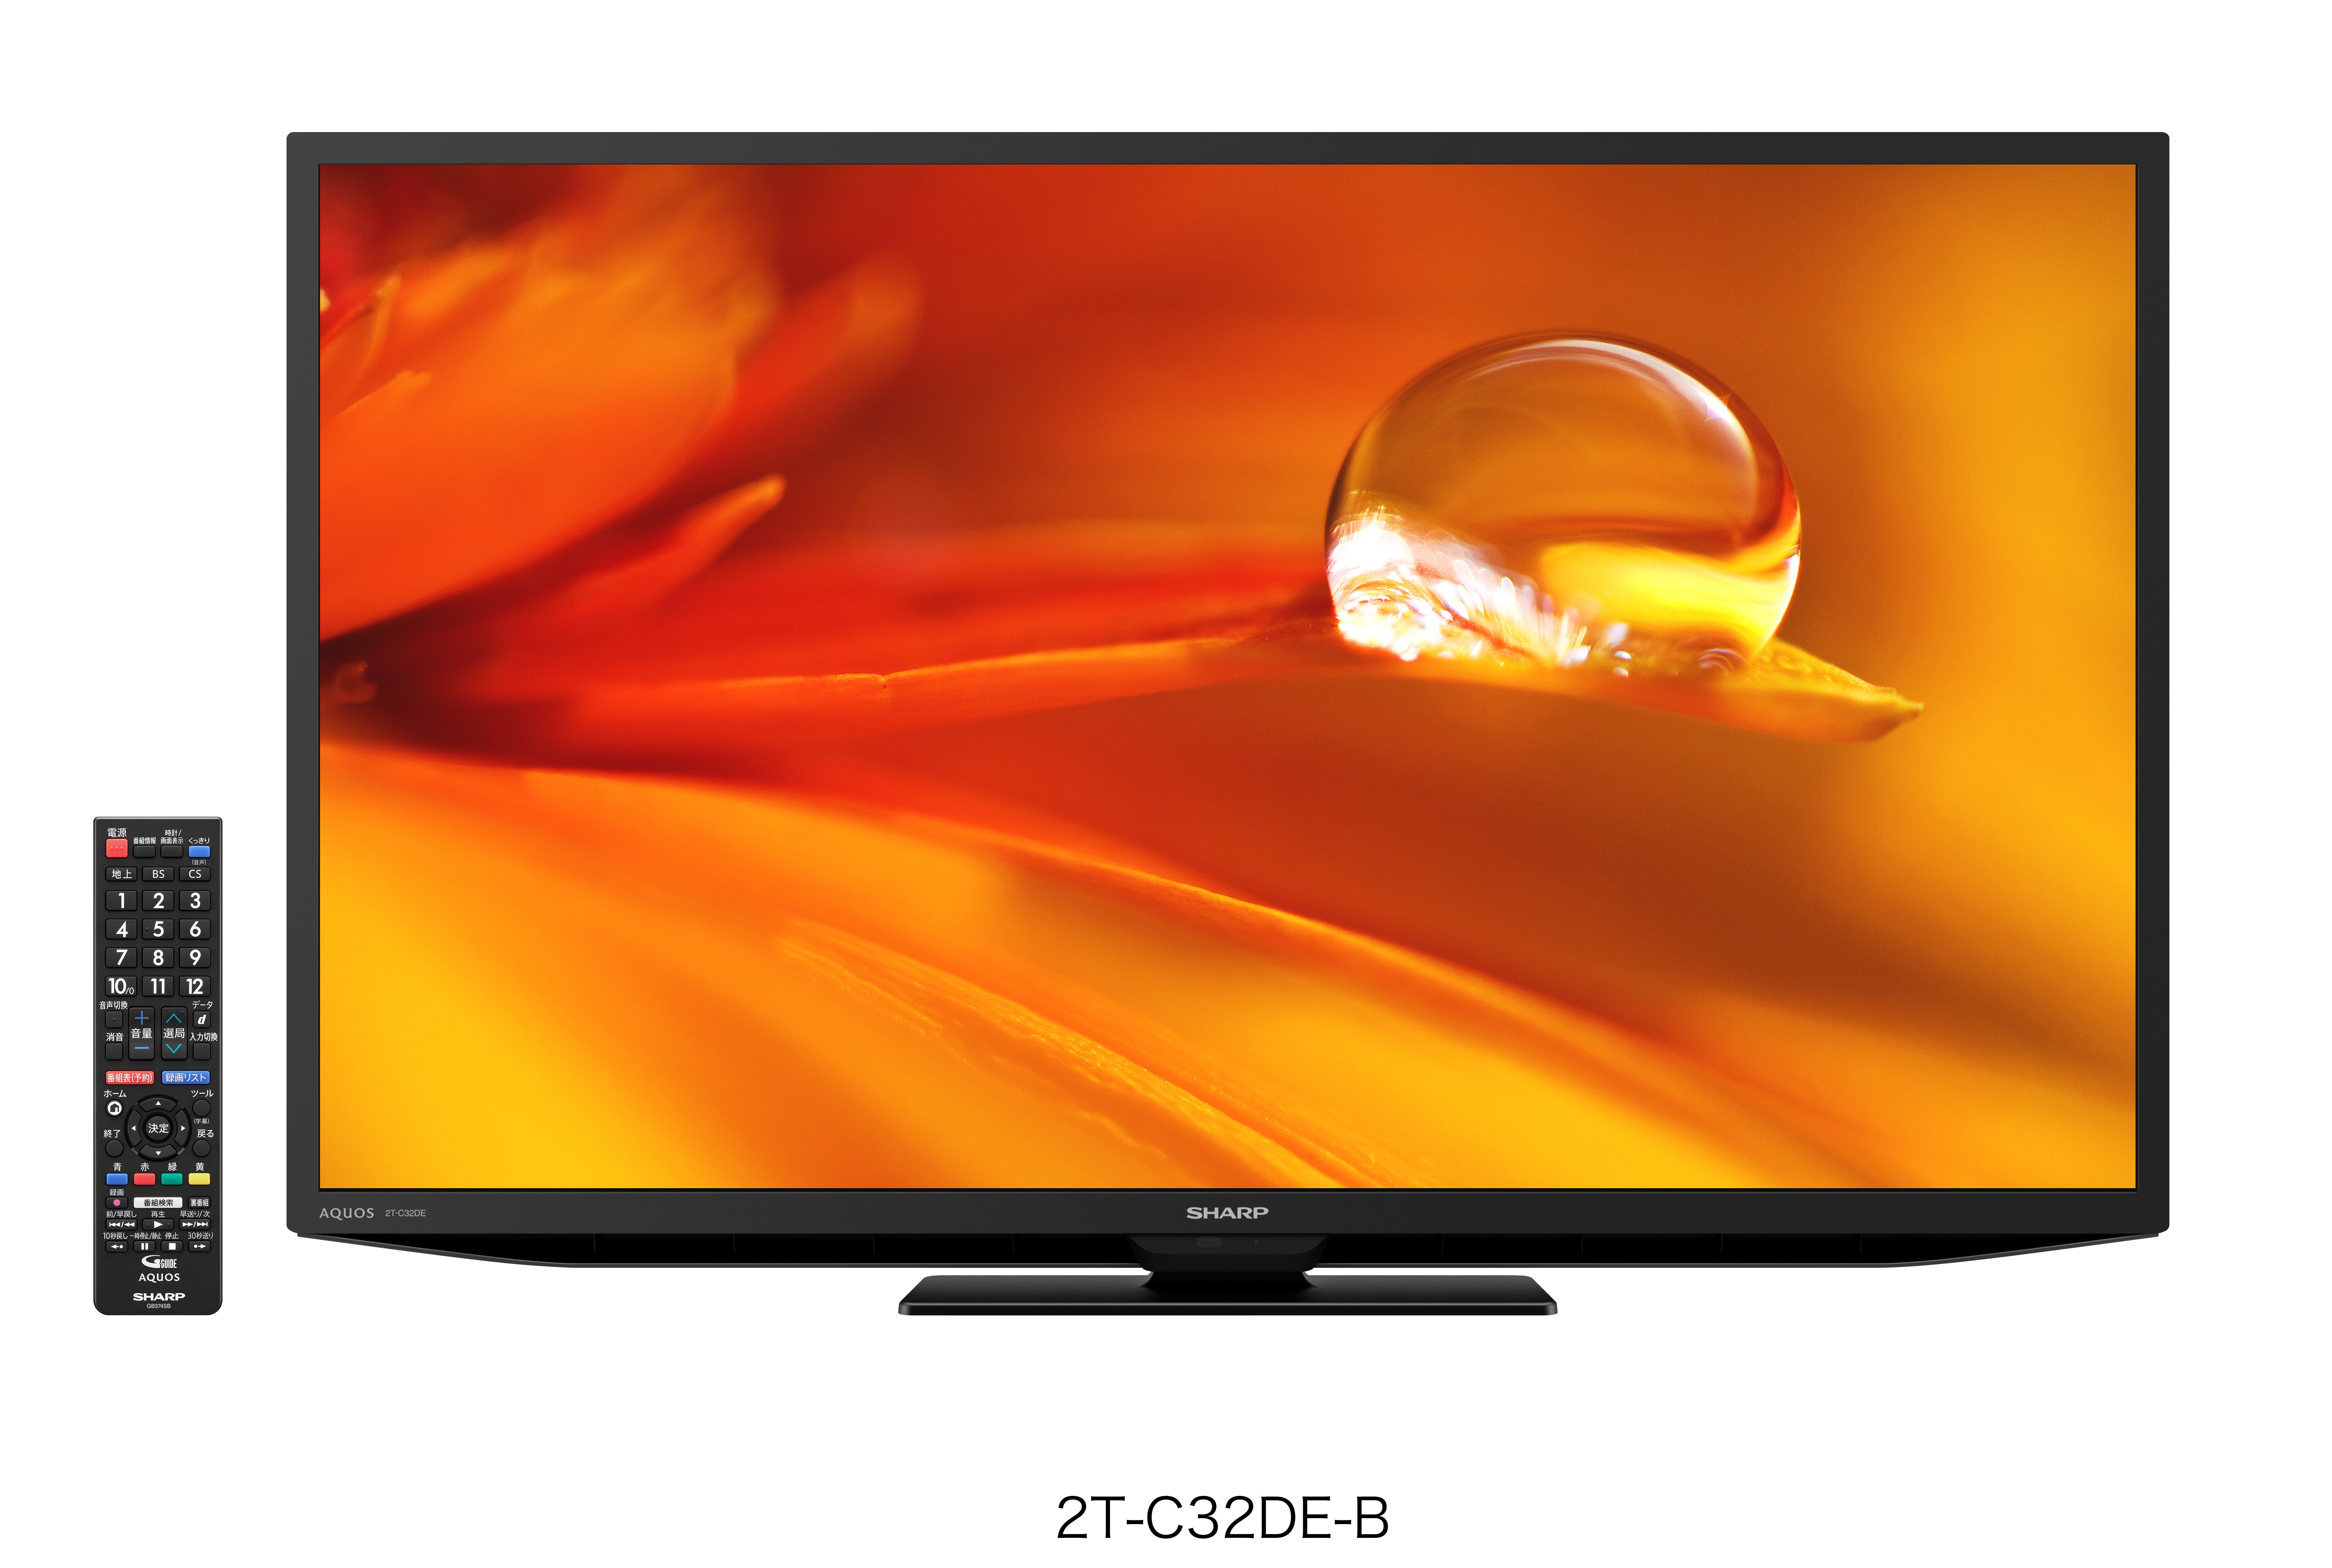 シャープ AQUOS 32型液晶テレビ 2T-C32DE-B